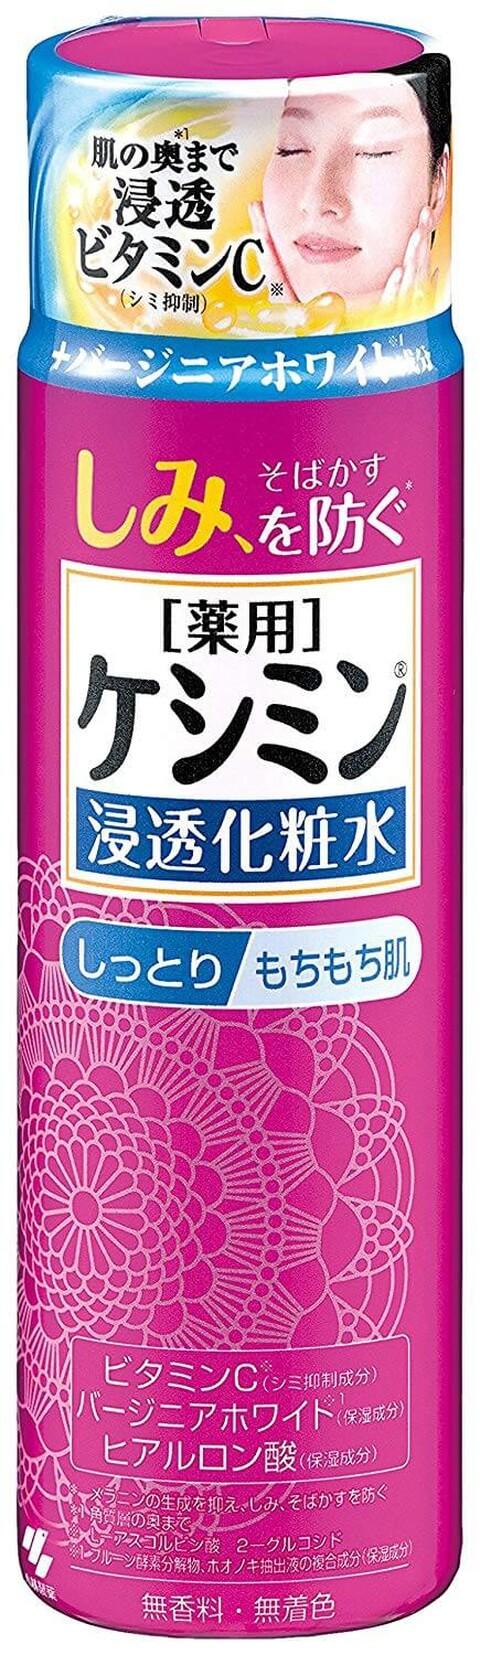 ケシミン浸透化粧水 アマゾン